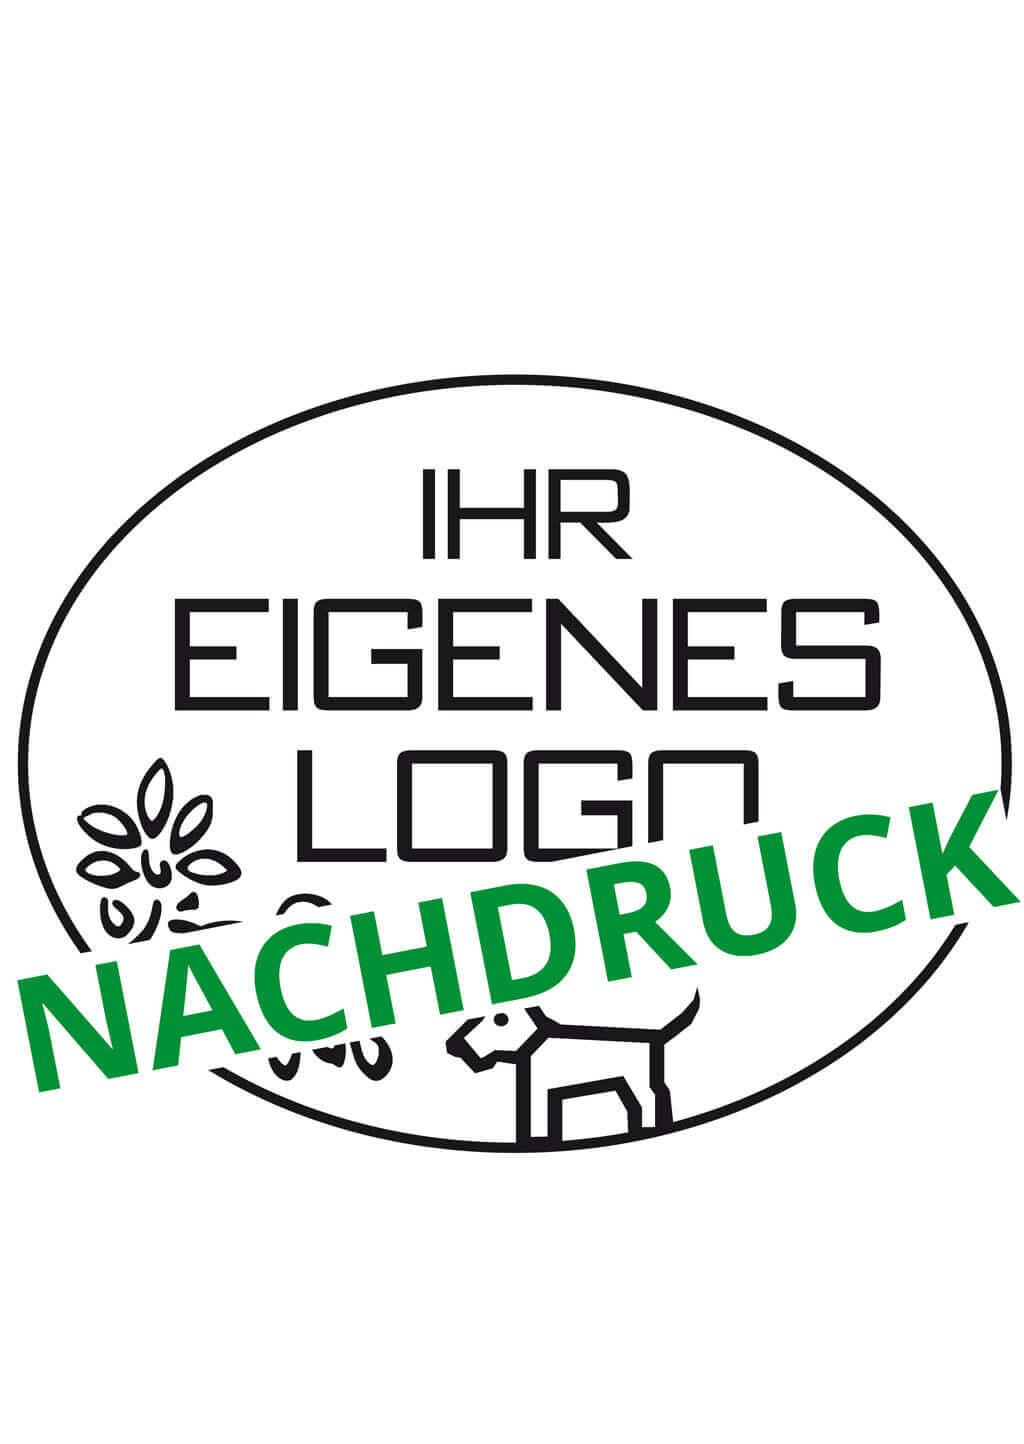 Eigenes Logo (Nachdruck)